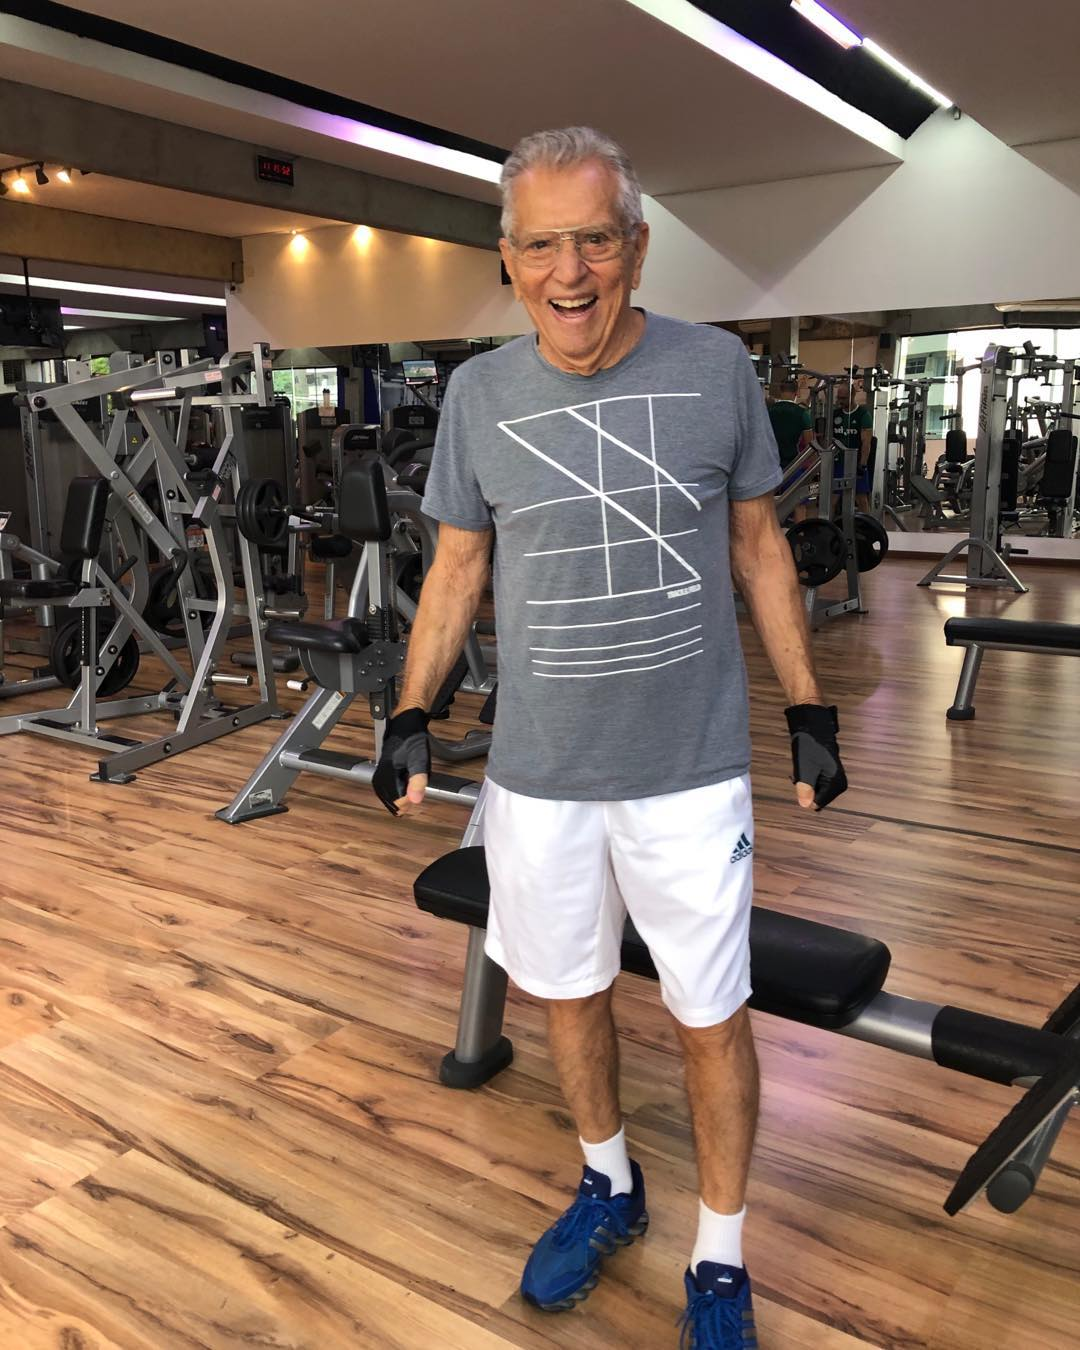 Carlos Alberto de Nóbrega comemorou melhora na saúde (Foto: Reprodução/Instagram)